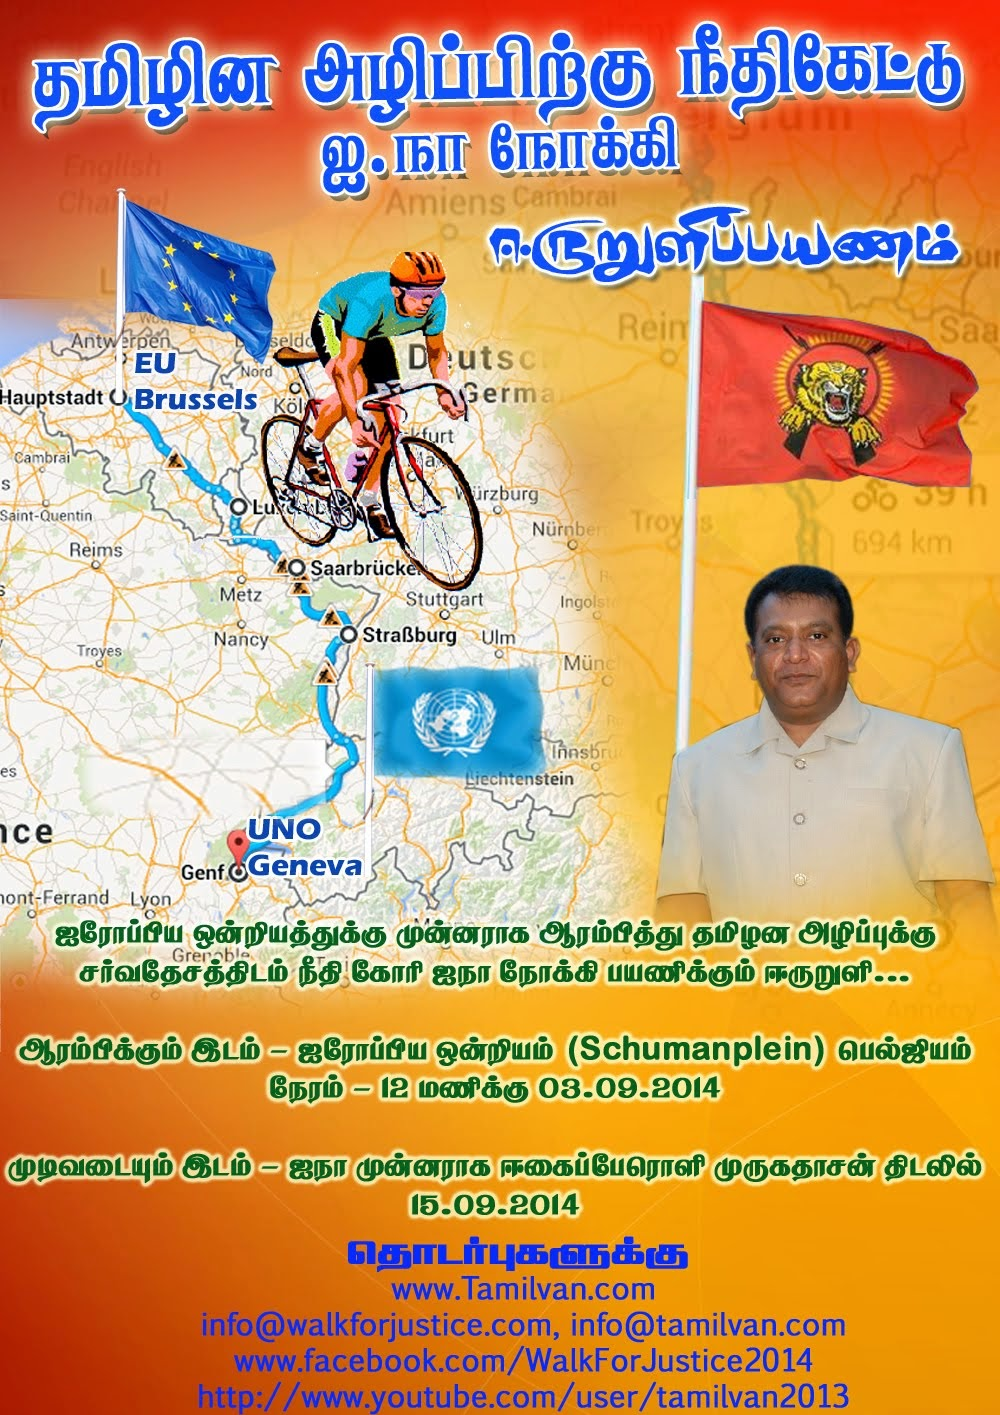 புரூசல் ஜெனீவா ஈருளிபயணம்